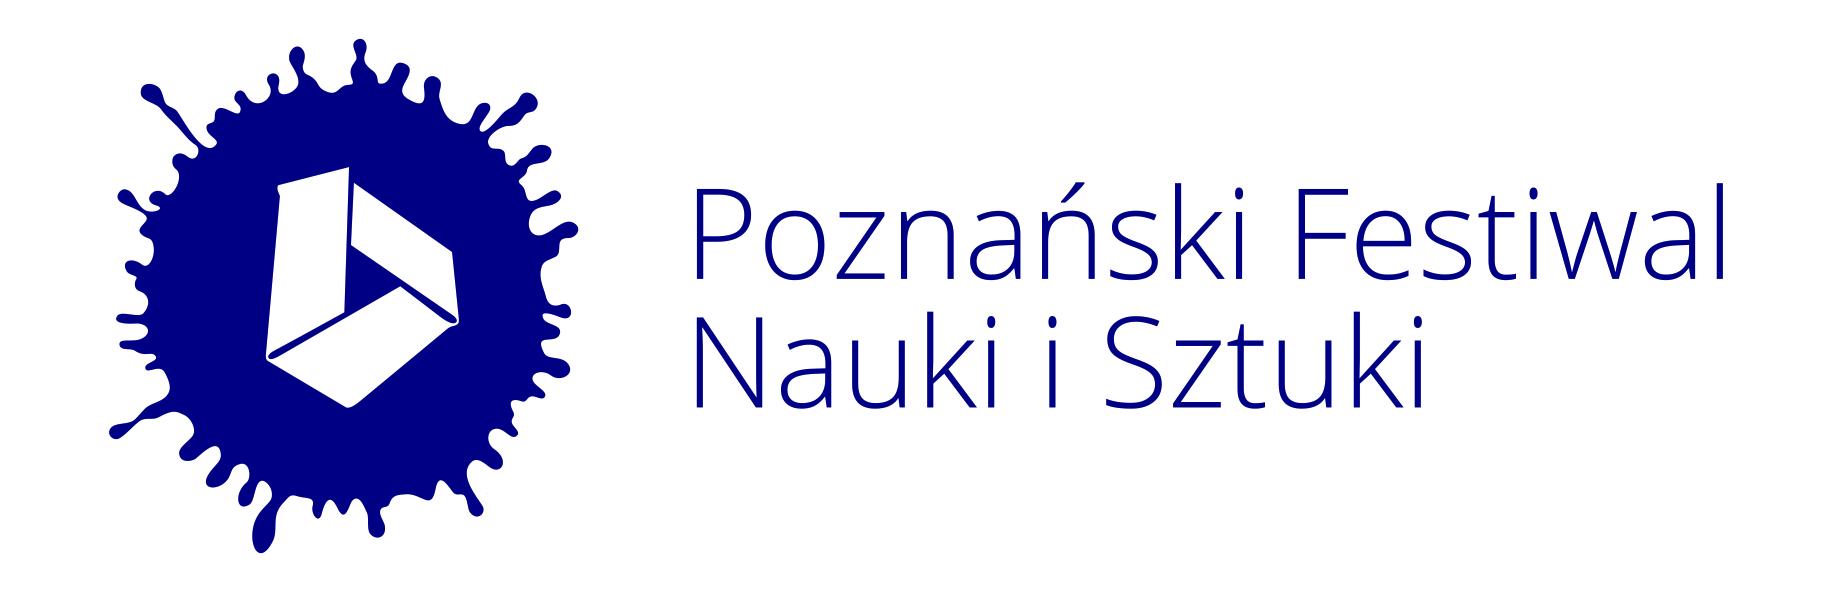 logotyp Poznańskiego Festiwalu Nauki i Sztuki